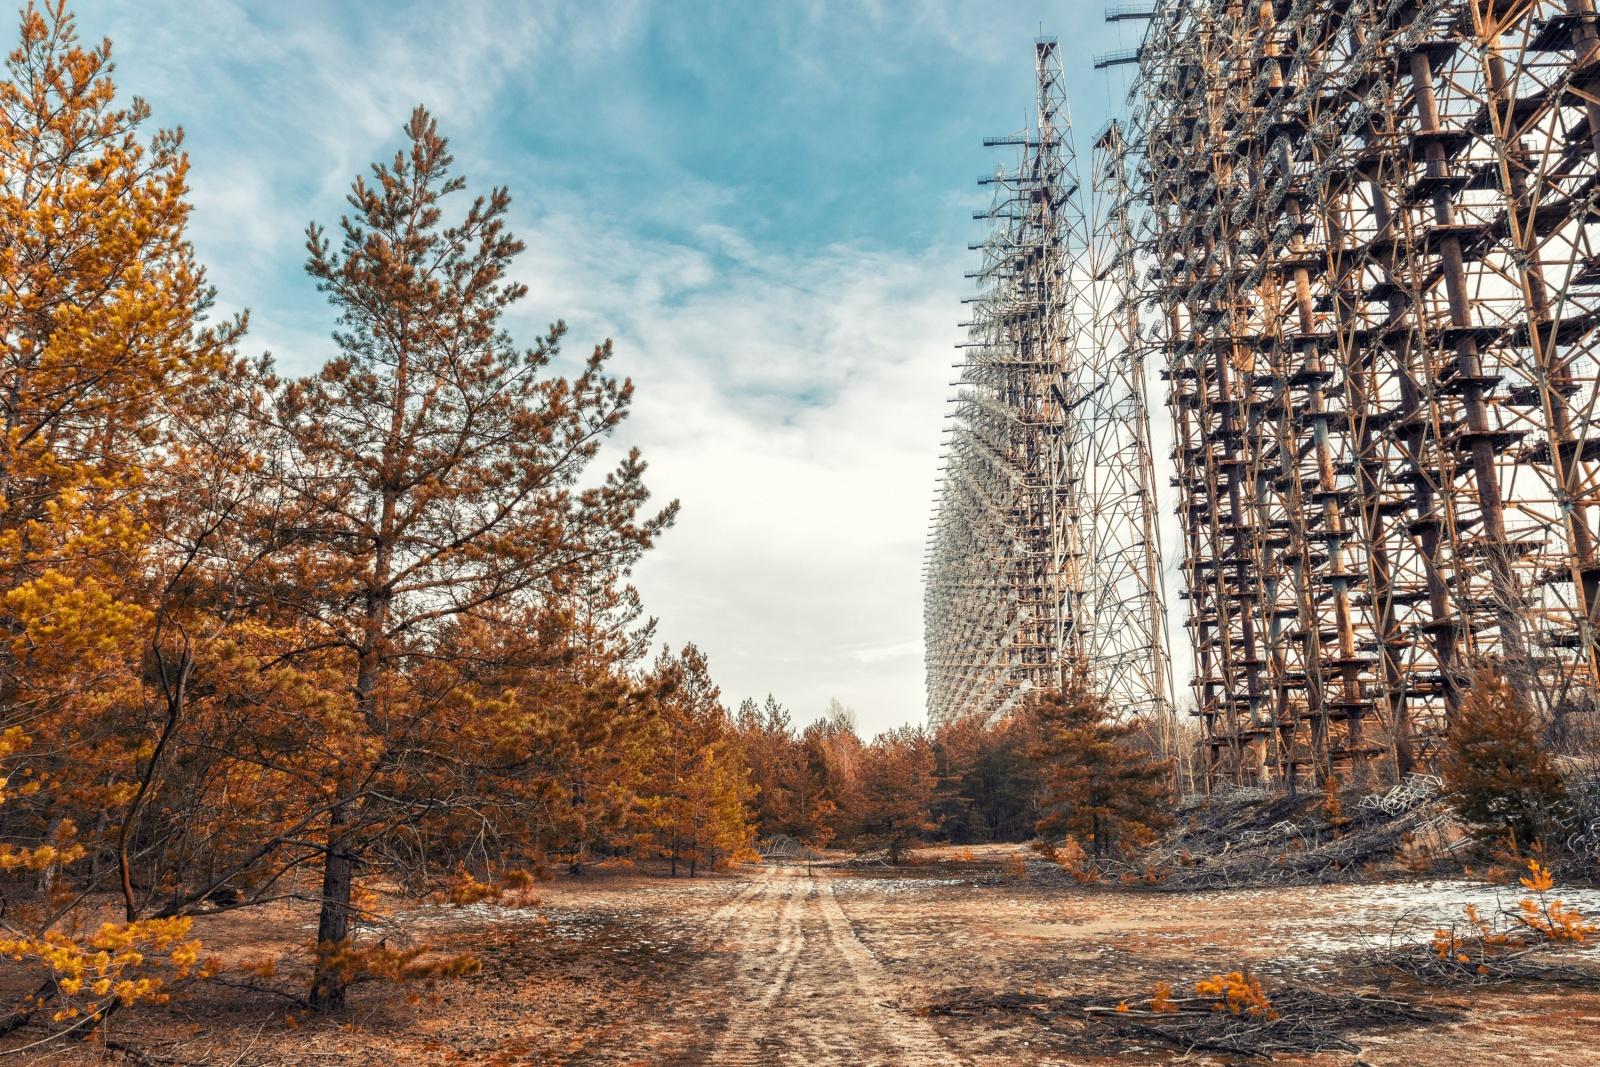 Прилипчивая радиация: наведенная радиоактивность, радиоактивное заражение, дезактивация… - 1